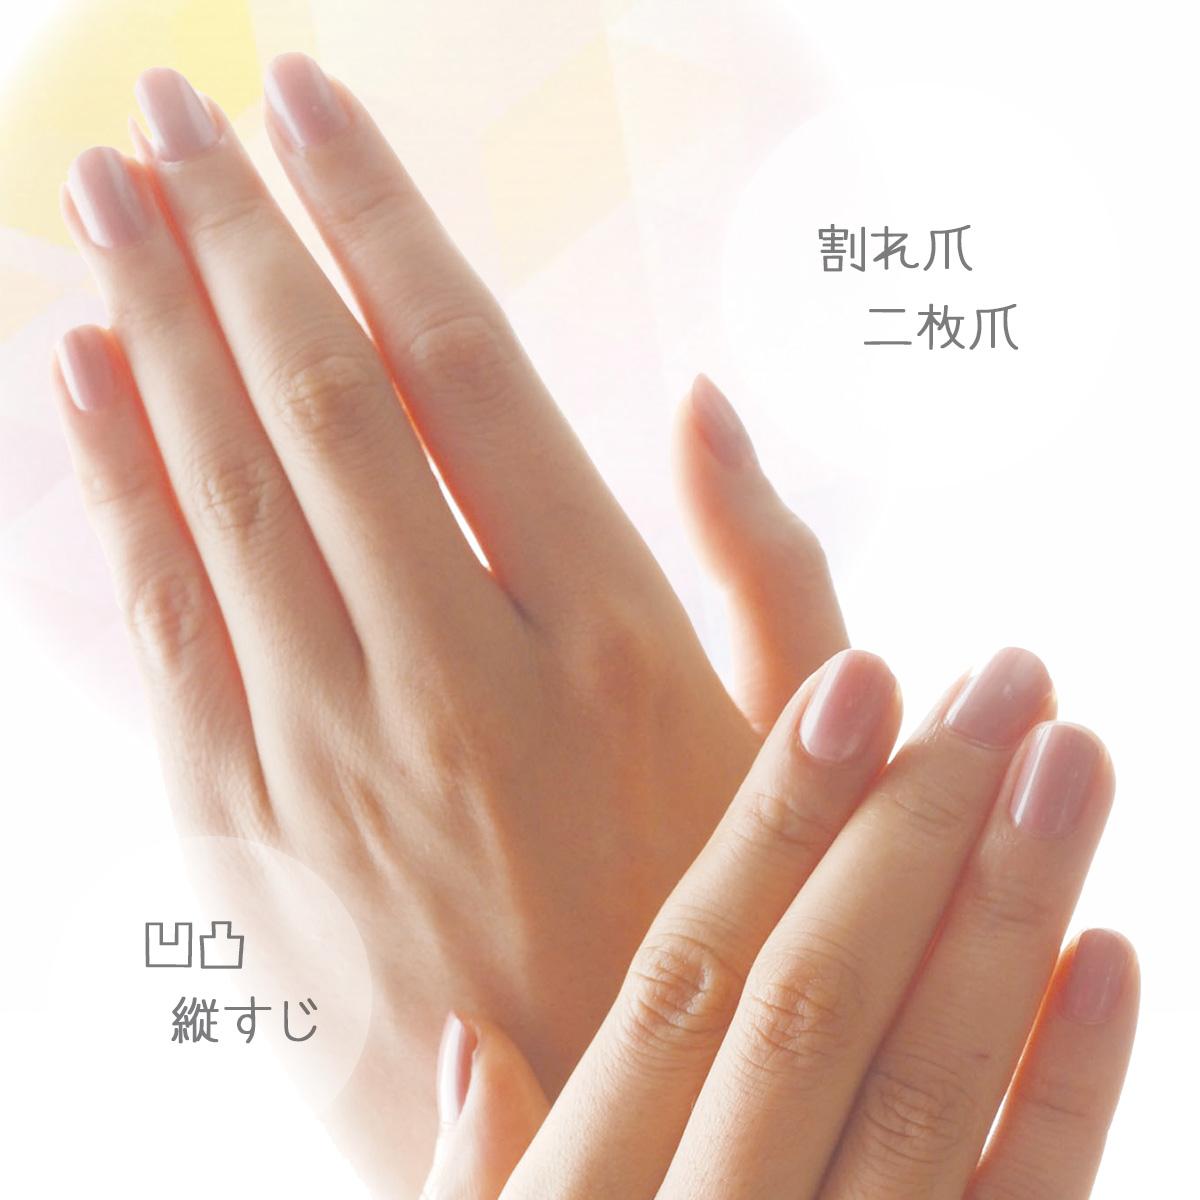 美髪×美肌×美爪に!貼るビューティーサプリ Patch MD ビオチン <日本仕様>